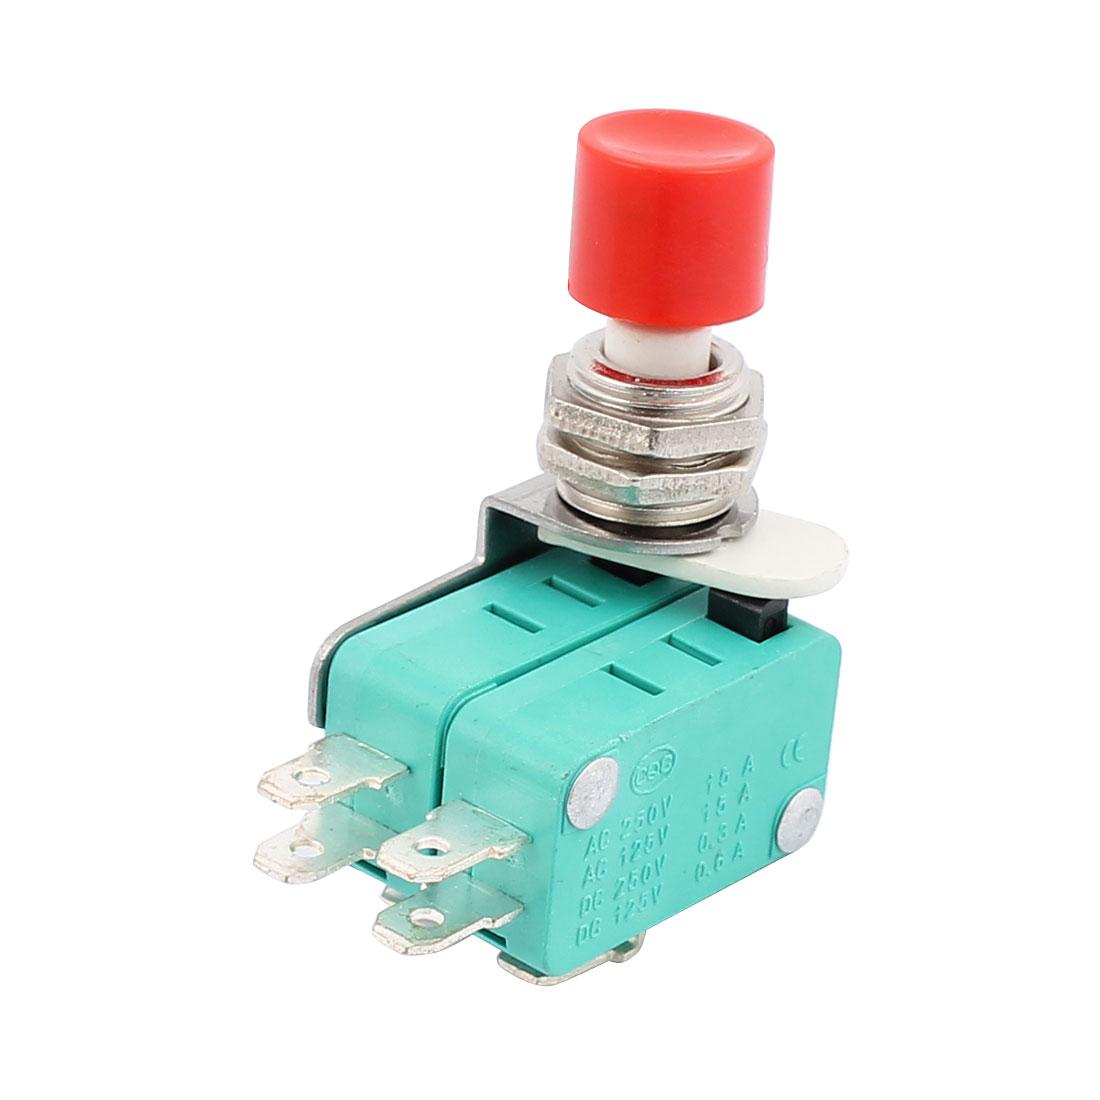 Druckknopf-Antrieb-6-Terminals-SPDT-ac-Mikroschalter